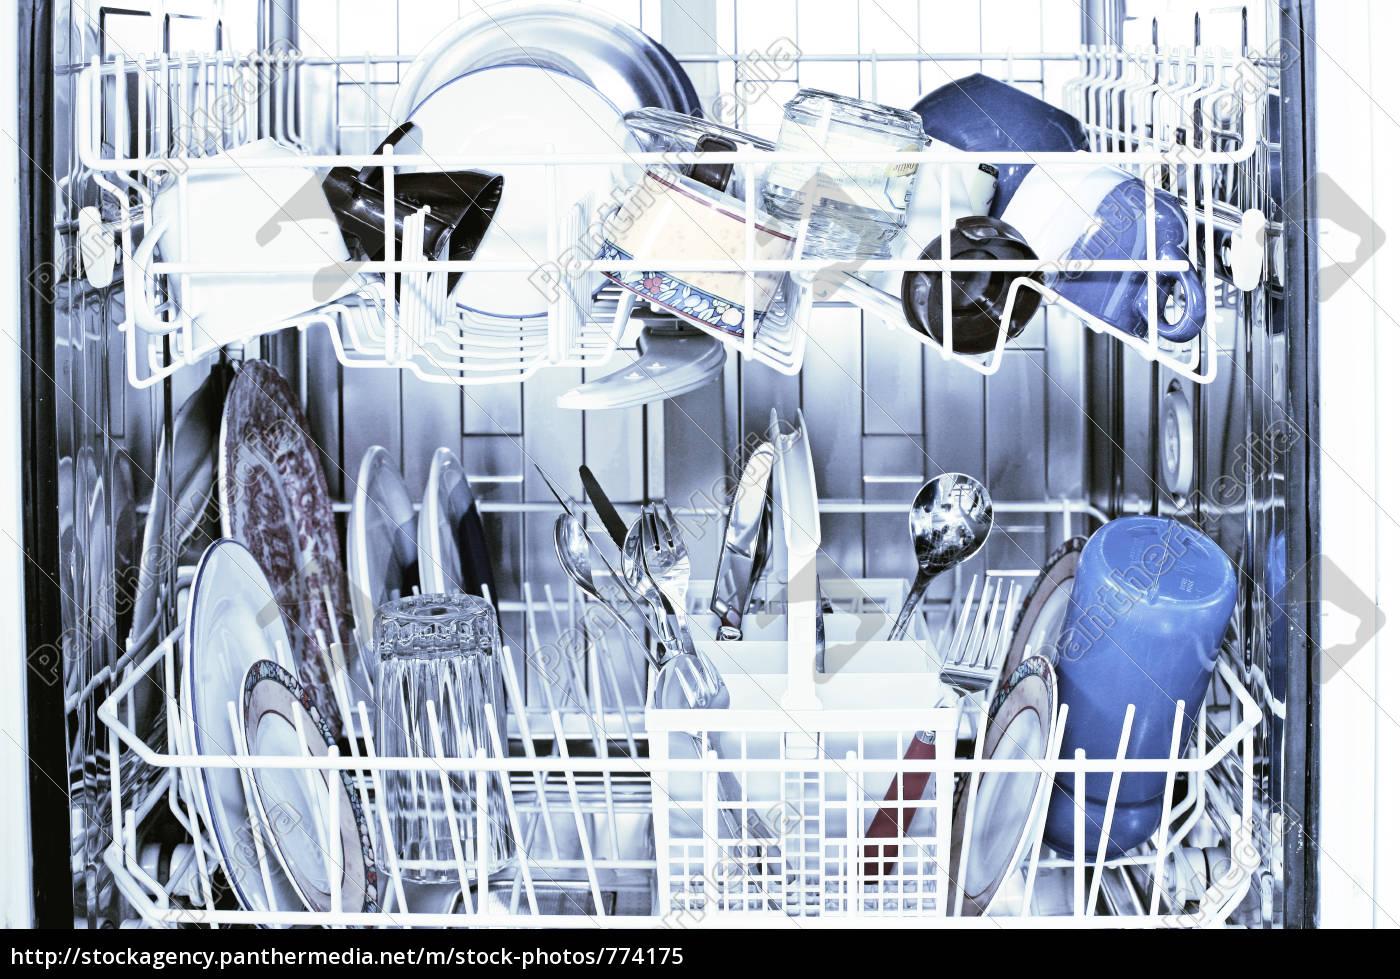 dishwasher - 774175